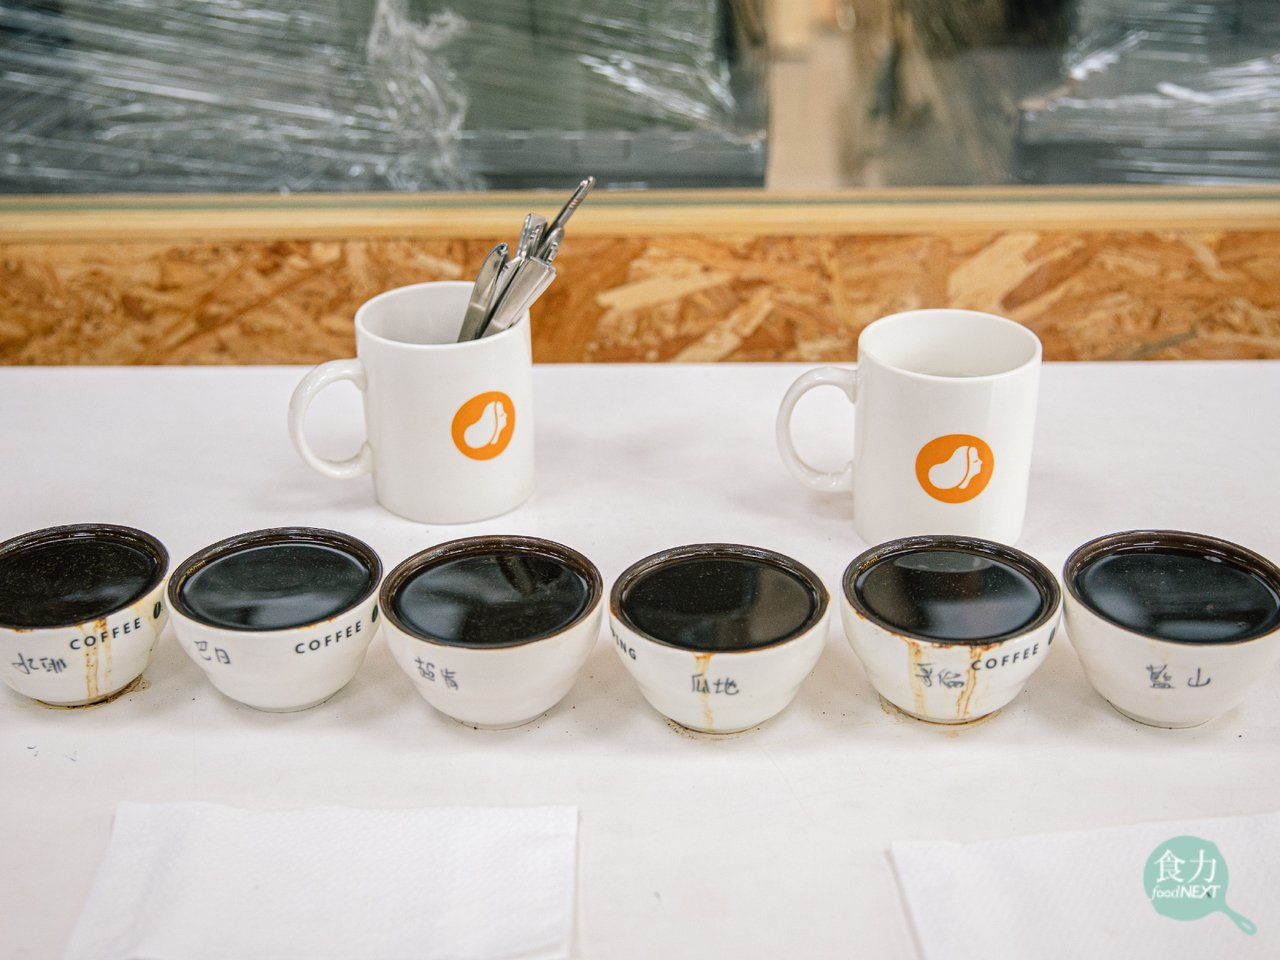 最後會取小量生豆來試烘,並進行杯測,以確認咖啡風味。